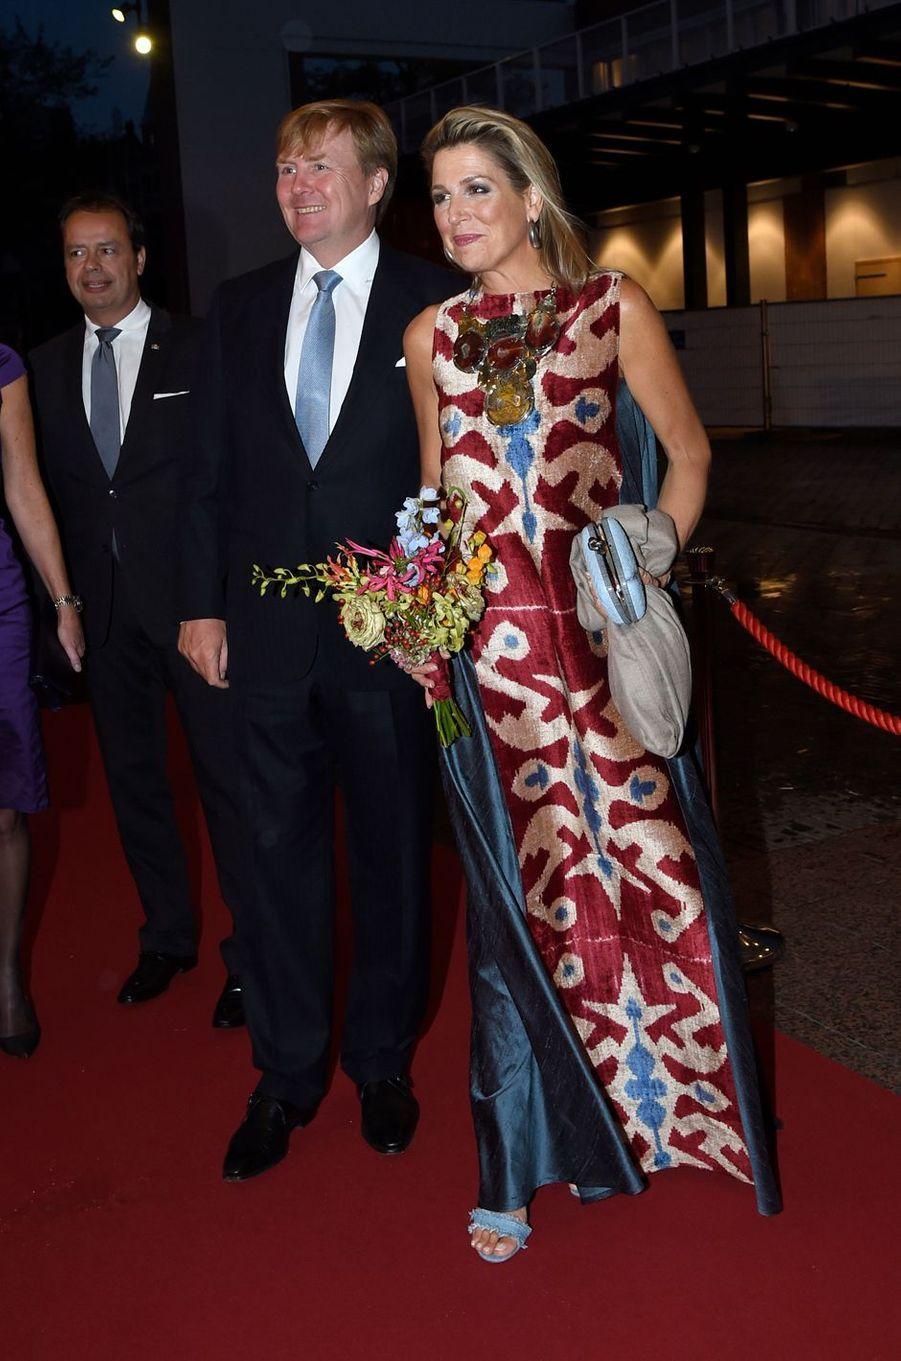 Le roi Willem-Alexander et la reine Maxima des Pays-Bas à Amsterdam, le 15 septembre 2017